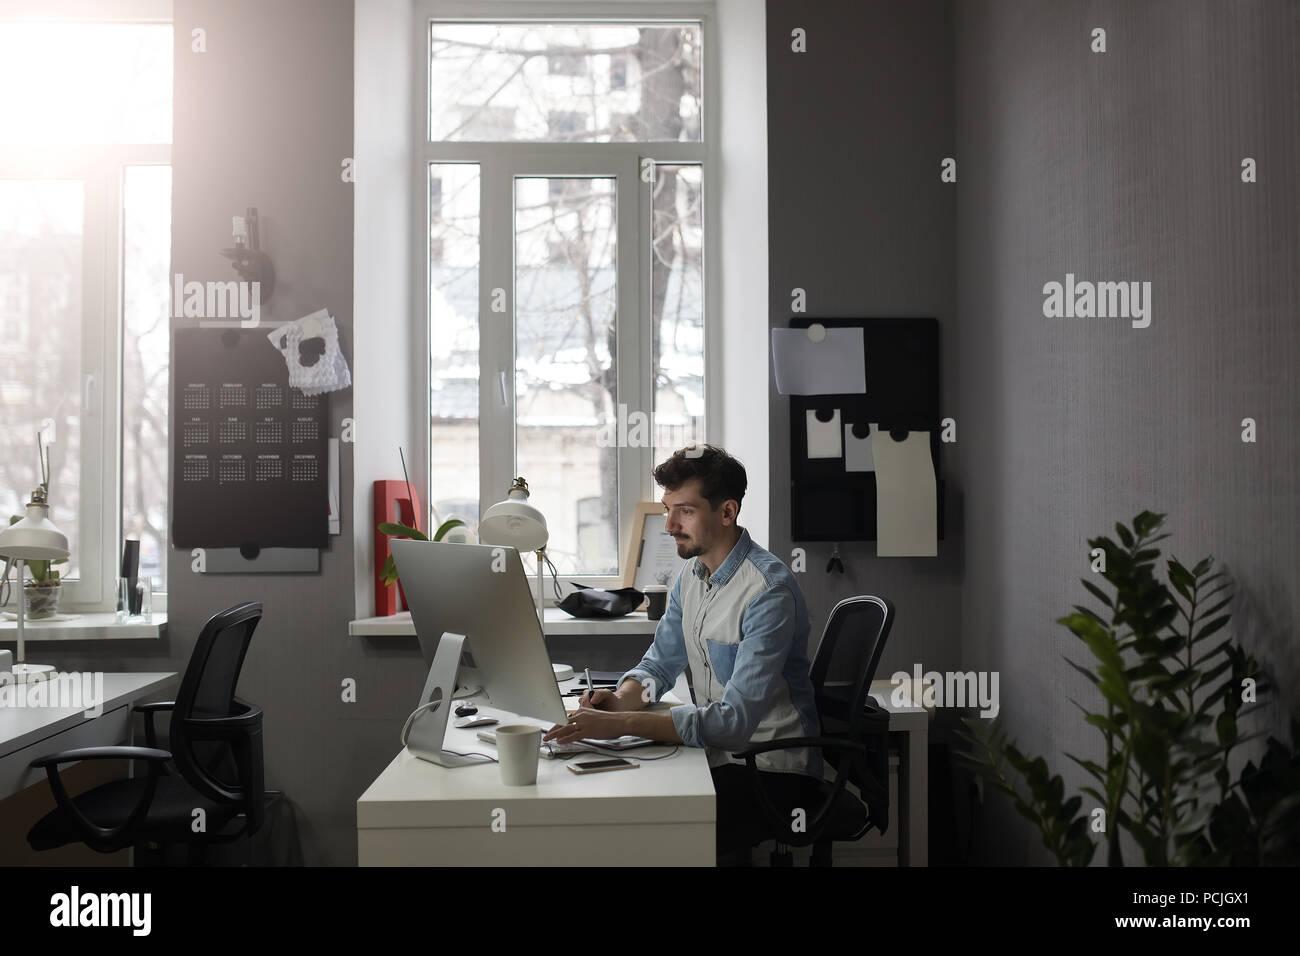 Giovani intelligenti barbuto uomo che lavora presso i moderni loft studio-offi Immagini Stock